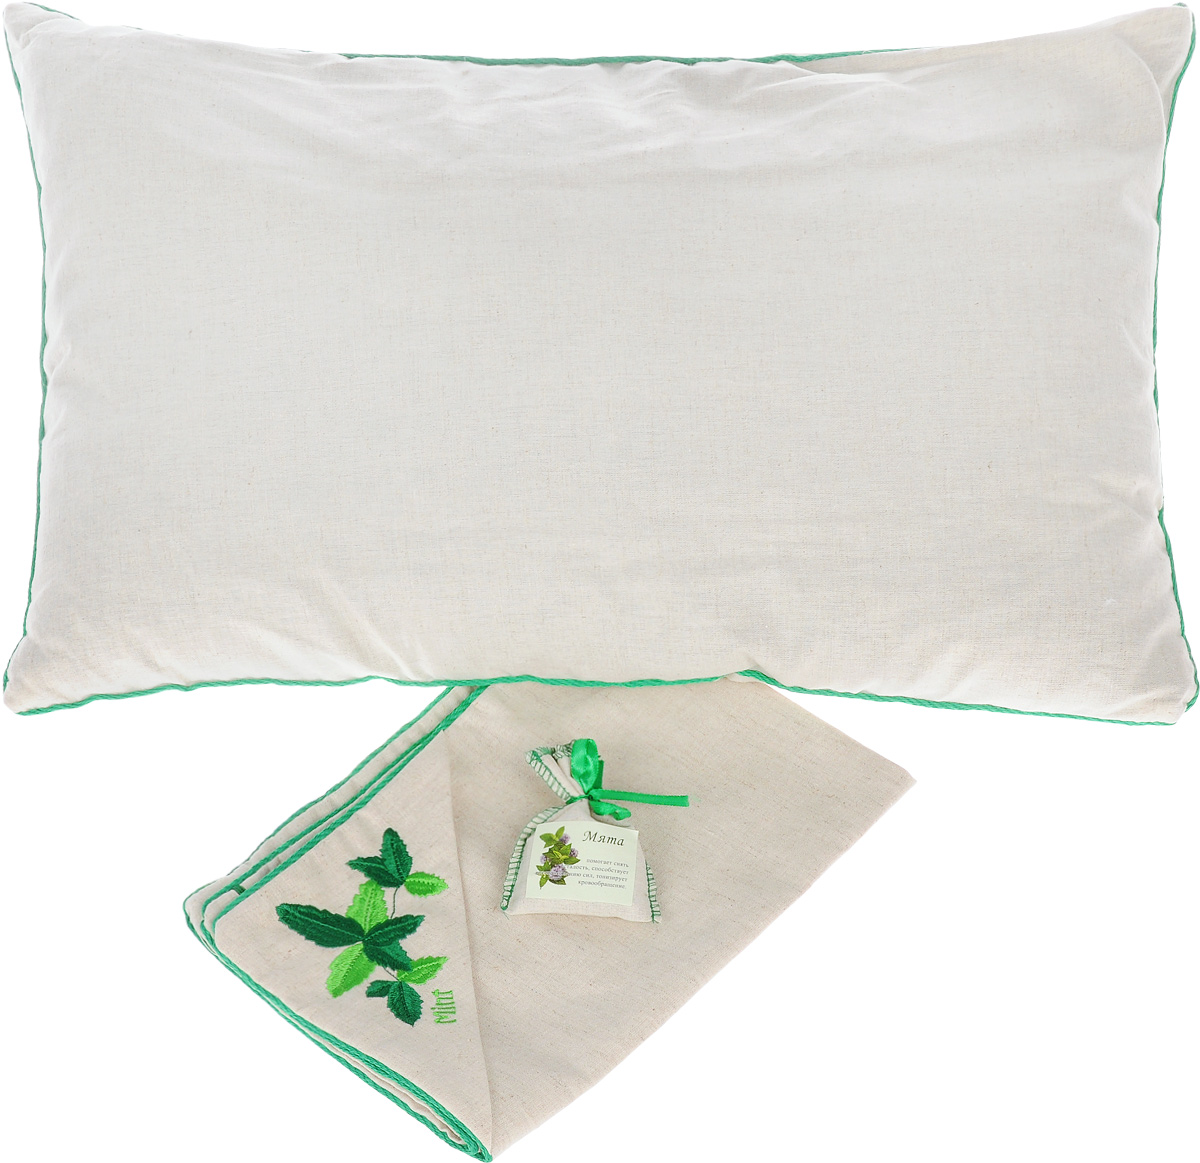 Подушка Smart Textile Традиция здоровья, с наволочкой, с мешочком мяты, 40 х 60 смЕ908Подушка Smart Textile Традиция здоровья - идеальный подарок для любимого человека. Чехол и наволочка выполнены изо 100% льна, наволочка оформлена оригинальной вышивкой в виде мяты, окантована и застегивается на аккуратную молнию-застежку. В комплект входит миниатюрный льняной мешочек с мятой на атласной завязке-ленте. Тонкий аромат мяты принесет нотки природы в вашу спальню. Такой аромат был выбран не случайно. Во сне мы проводим значительную часть нашей жизни и именно от качества сна будет зависеть наше самочувствие и продуктивность нового дня. Поэтому особенно важно выбрать для себя постельные принадлежности, чтобы они были не только удобными, но и полезными. Мята богата ментолом (содержится в листьях растения), который помогает снять усталость, головную боль, тонизирует кровообращение, обладает антисептическими свойствами, благотворно влияет на иммунную систему, снижая риск простудных и вирусных заболеваний.Не случаен и выбор наполнителя для подушки – лепестки лузги гречихи. Это природный гипоаллергенный наполнитель, который очень часто используют для набивки подушек. Такой наполнитель полый, легкий, благодаря чему позволяет воздуху циркулировать внутри подушки, сохраняя комфортную температуру и не накапливает пыль, не вызывает аллергии. Сыпучесть придает подушке необходимое естественное положение головы и шеи, что делает ваш сон максимально комфортным и полезным. А благодаря своей трехгранной структуре лузга гречихи обеспечивает микромассаж головы и шеи во время сна. Вы проснетесь бодрым и свежим, открытым для нового дня. Кроме того лузга обладает антистатическим действием. В отличие от синтетического, натуральный наполнитель не магнитит волосы и не трещит. Рекомендации по уходу: Подушка упакована в пластиковую сумку-чехол на застежке-молнии с ручкой для комфортной переноски и хранения. Рекомендации по уходу: - Стирка запрещена,- Нельзя отбеливать,- Не гладить,- Химчистка тольк